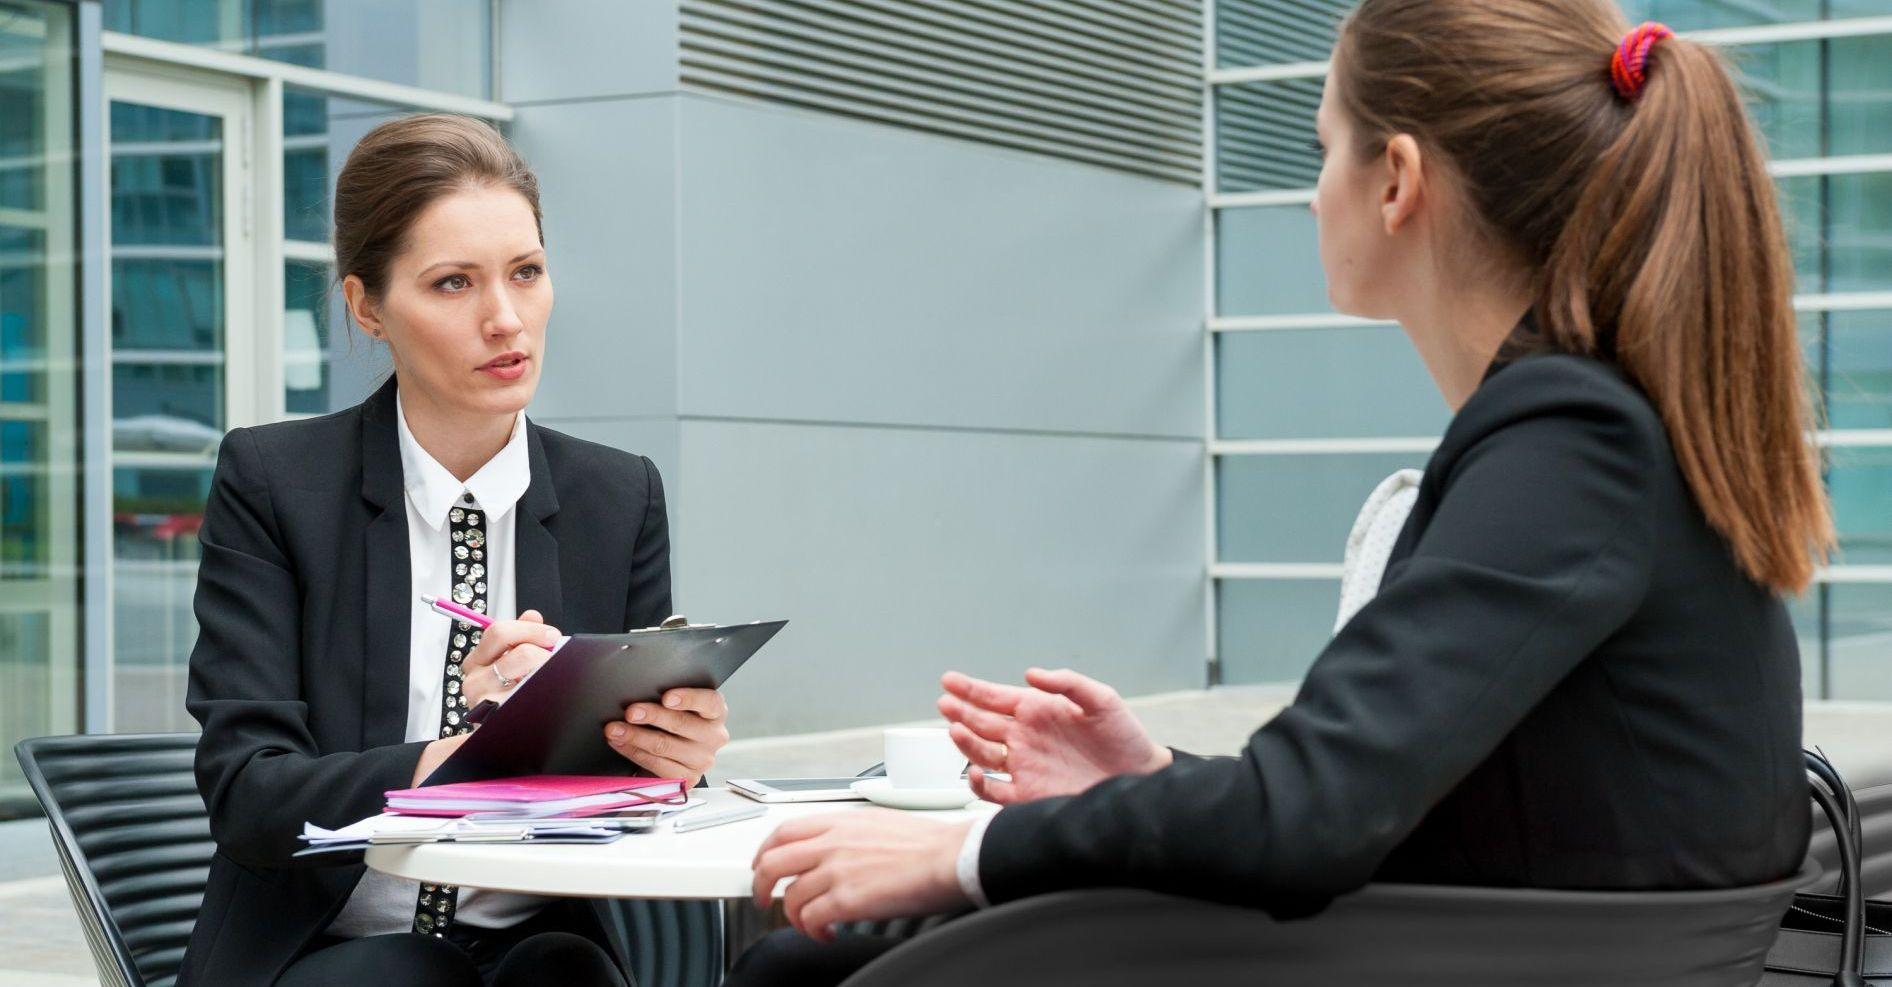 和主管談加薪,小心這5個錯誤讓你籌碼盡失